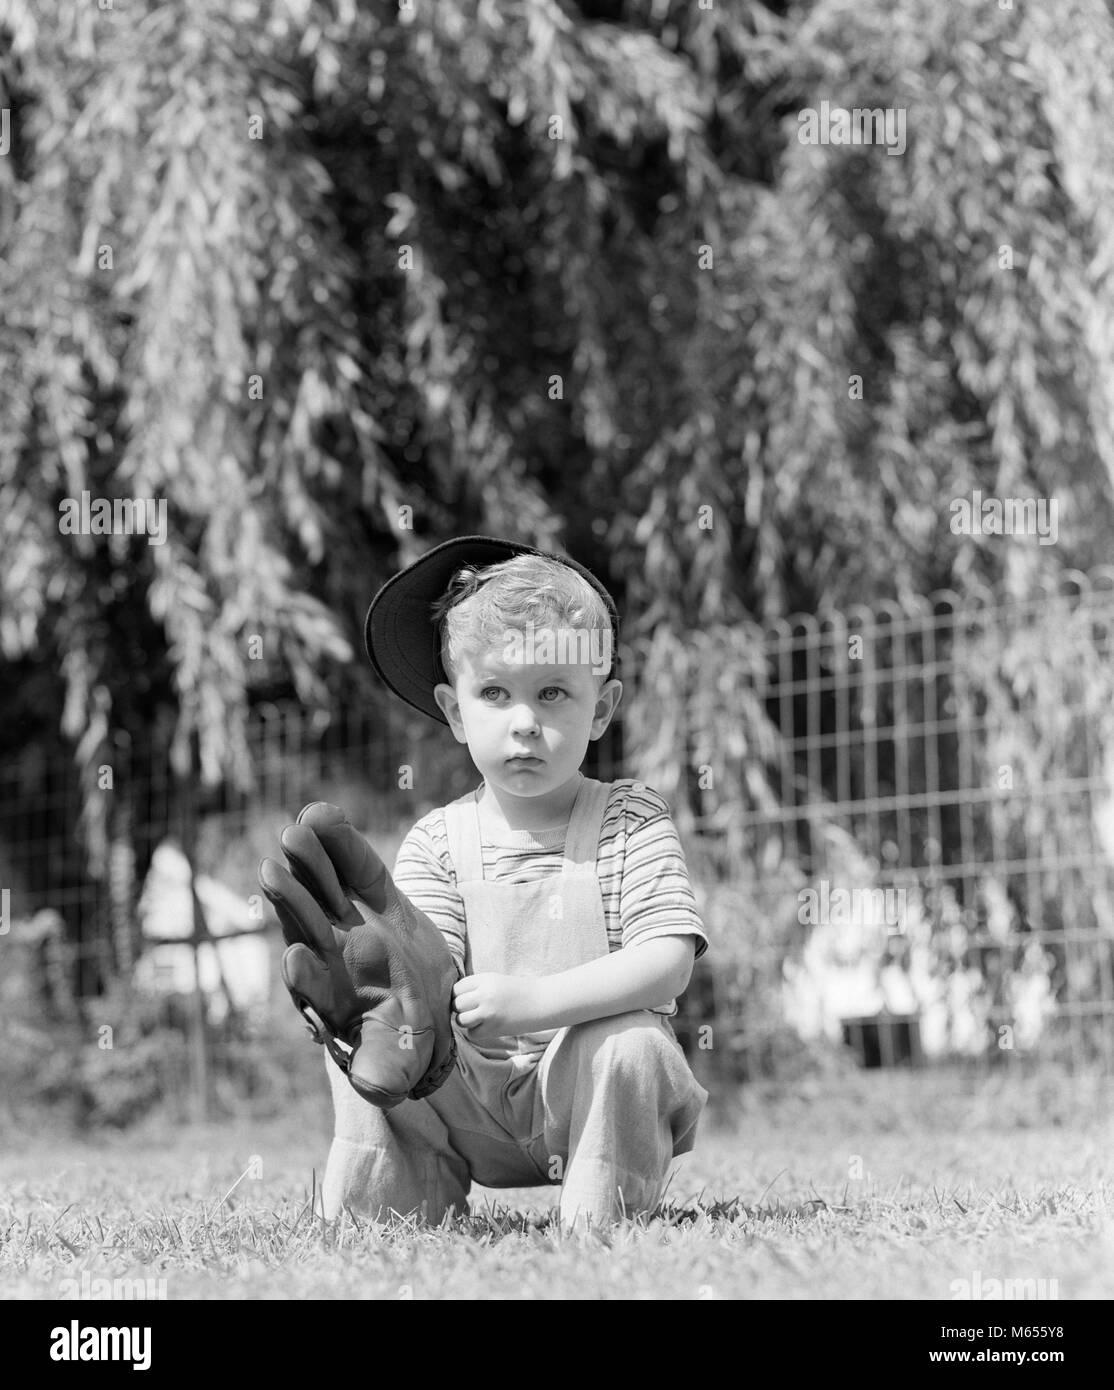 1940 Kleine ernsthafte blonde Junge HOLDING EINEN BASEBALL HANDSCHUH TRAGEN BASEBALL CAP IM GRAS-b 18929 HAR 001 Stockfoto